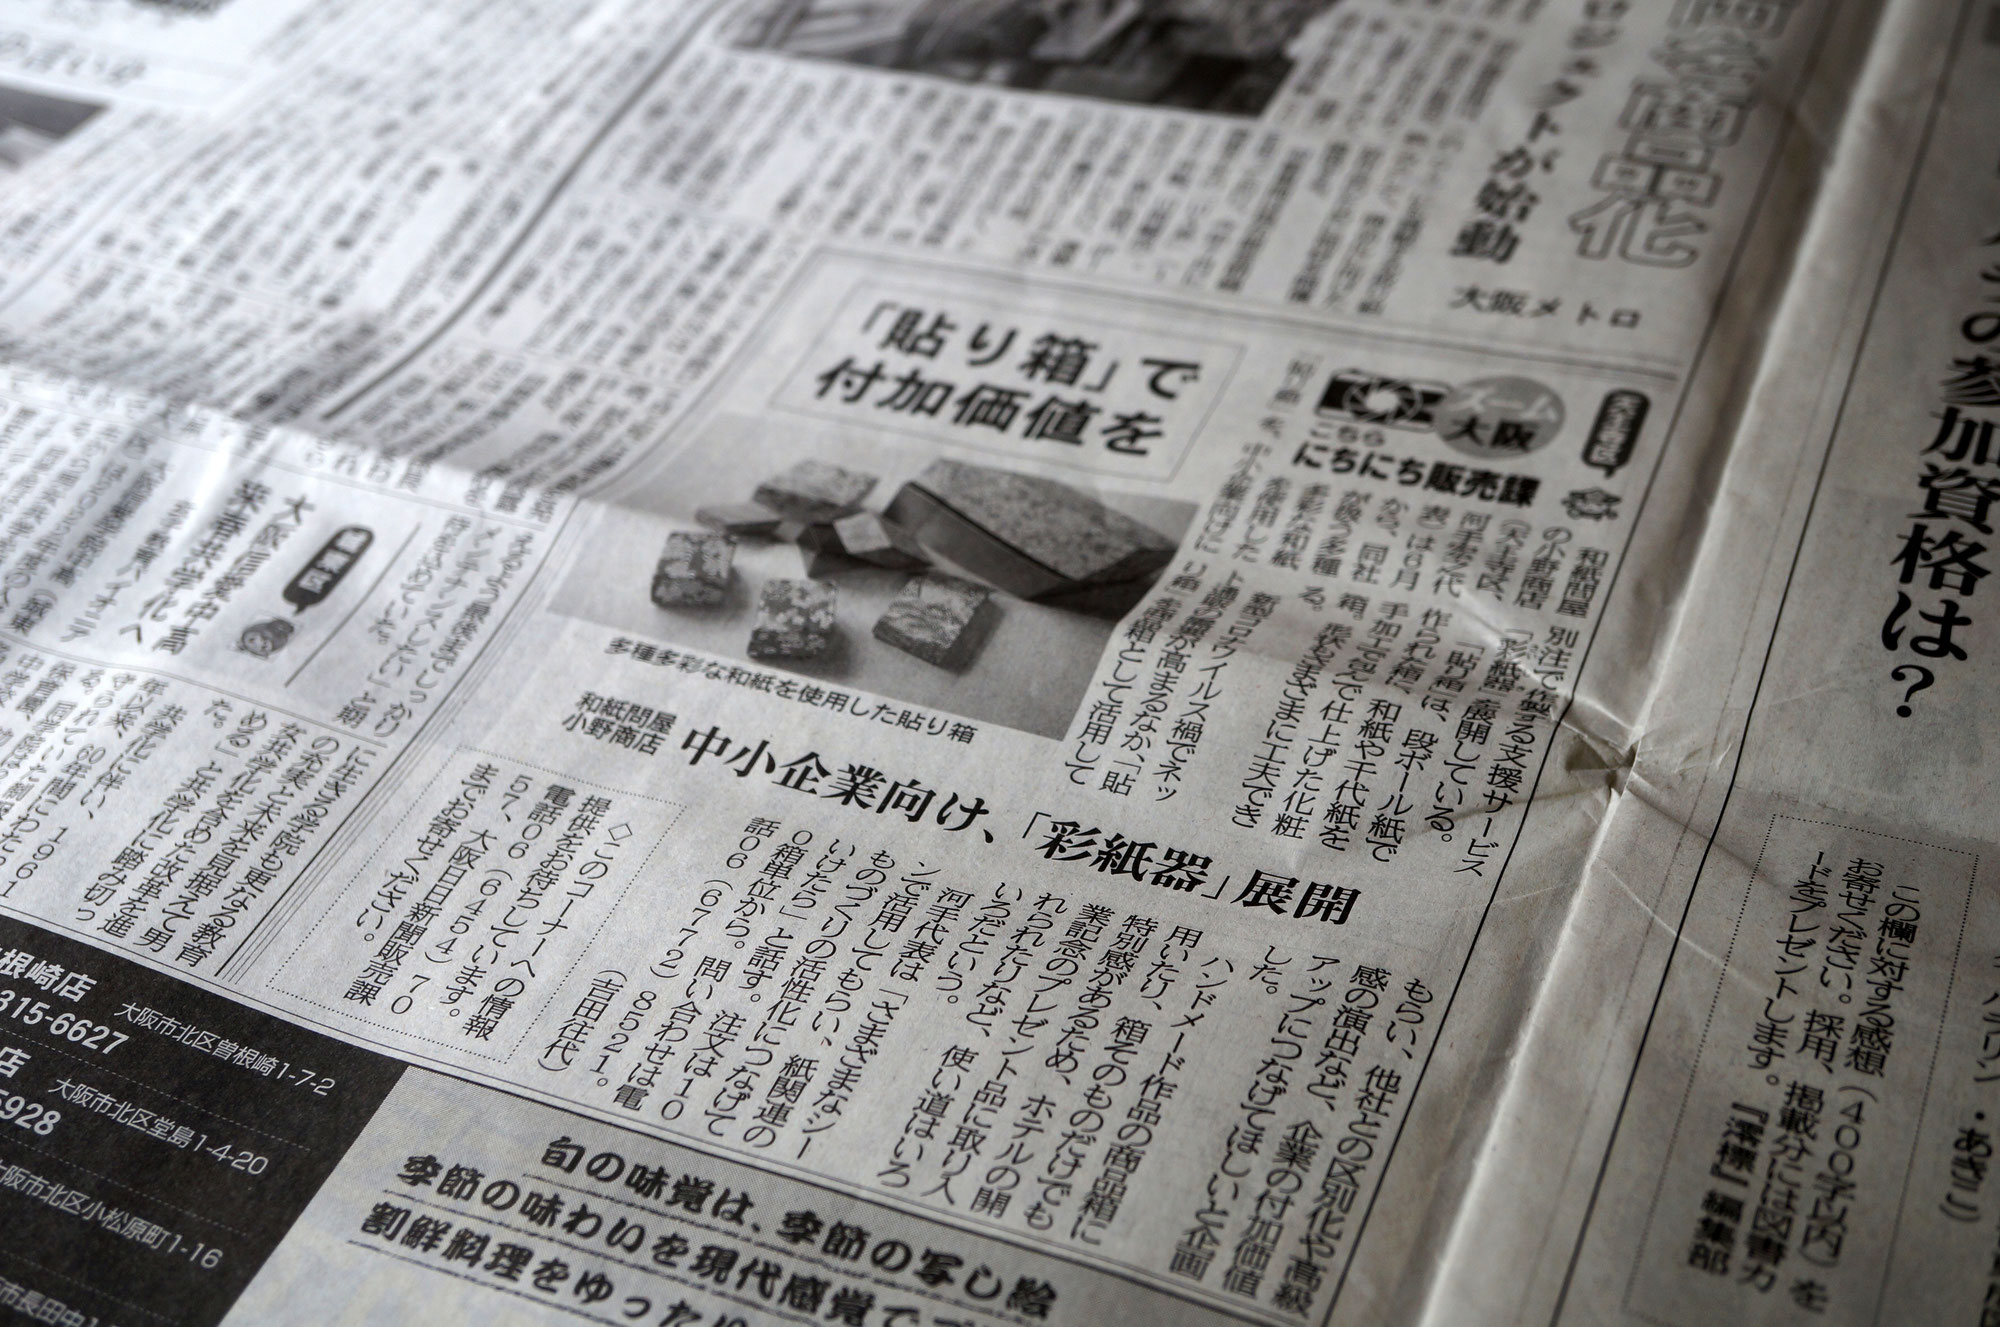 大阪の地元紙「大阪日日新聞」に弊社の取り組みが写真入りで記事が掲載